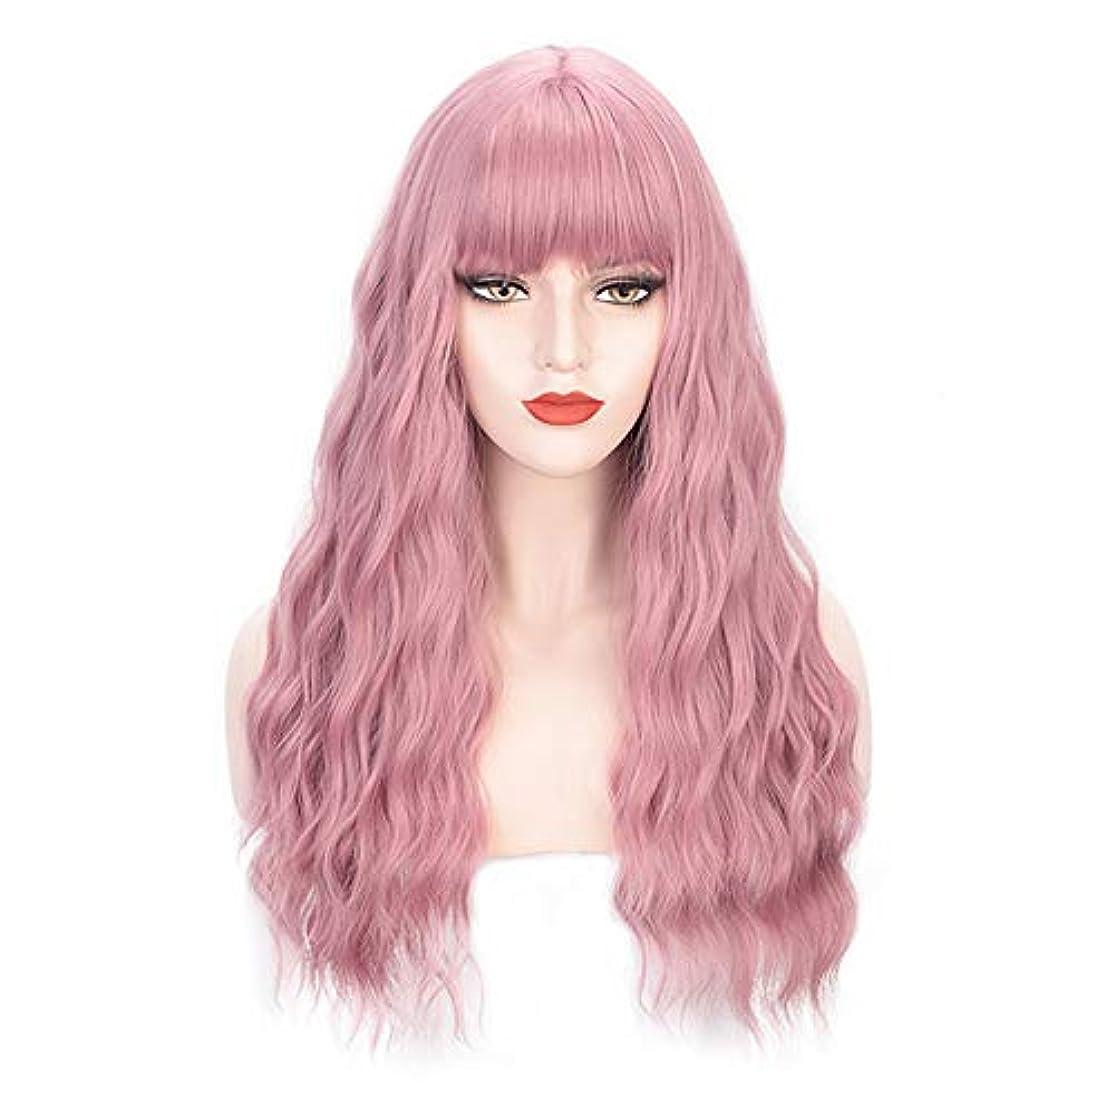 アカウント月重さヘアピースロングカーリー女性女の子魅力的な合成かつら人工シルクヘアウィッグ高温風量ソフトカーリーロングカーリービッグウェーブヘアウィッグコスプレ28インチ